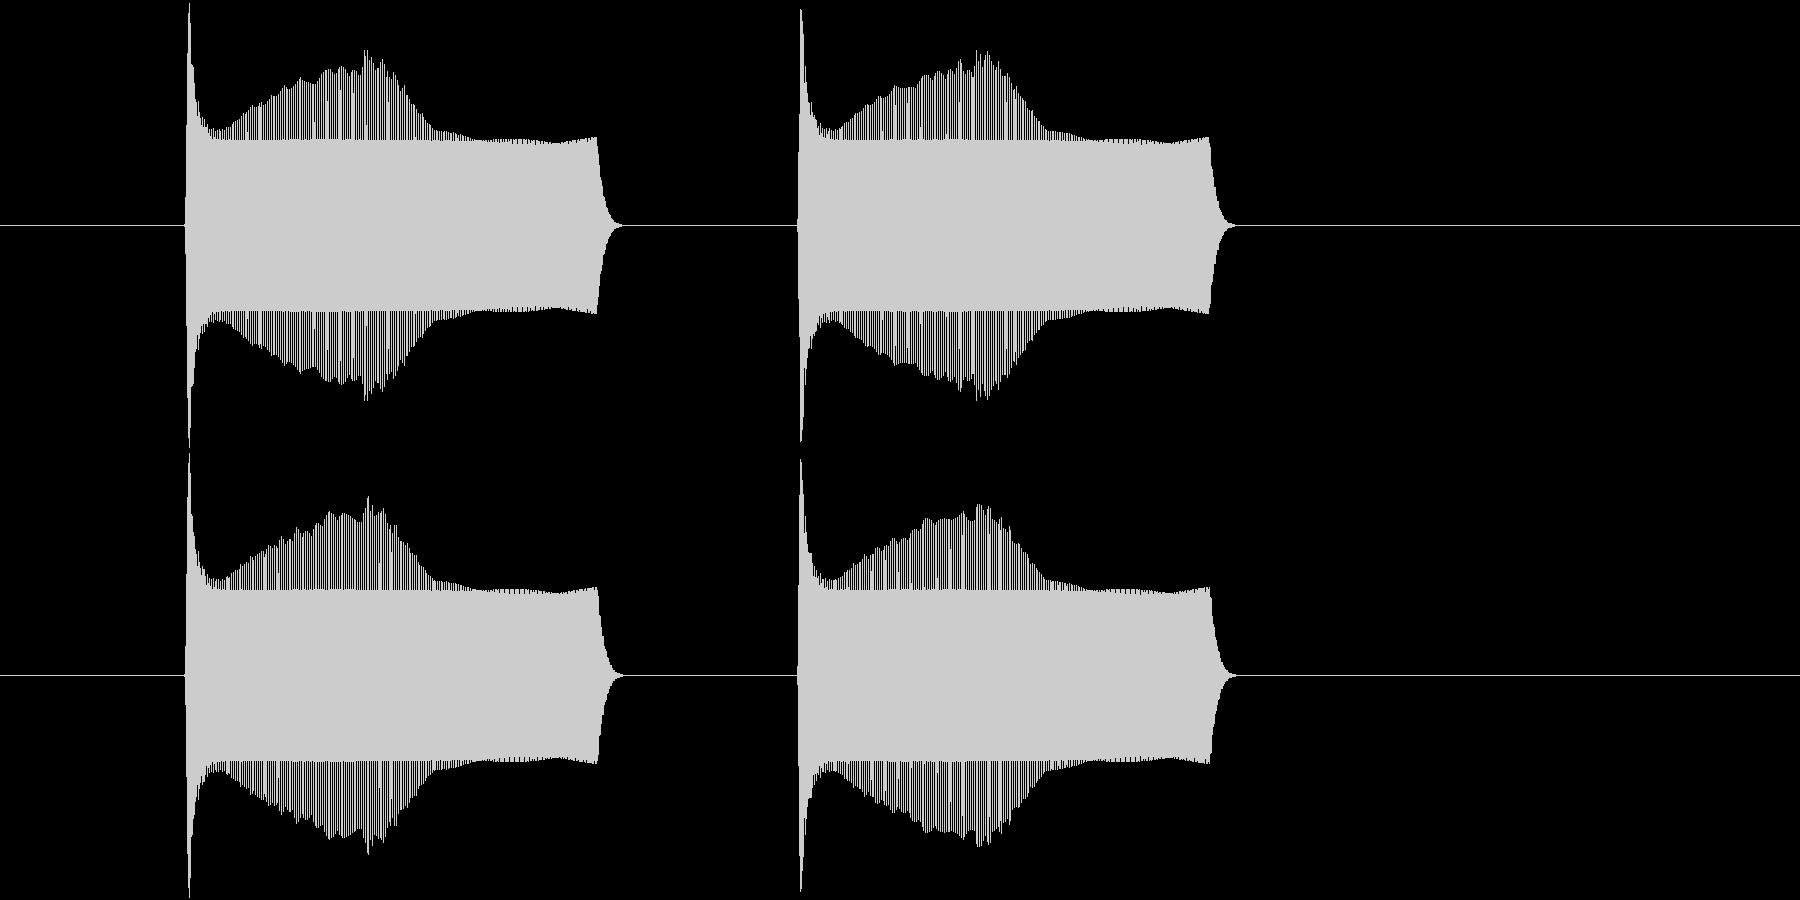 ポヨンポヨンとジャンプする音(2回)の未再生の波形